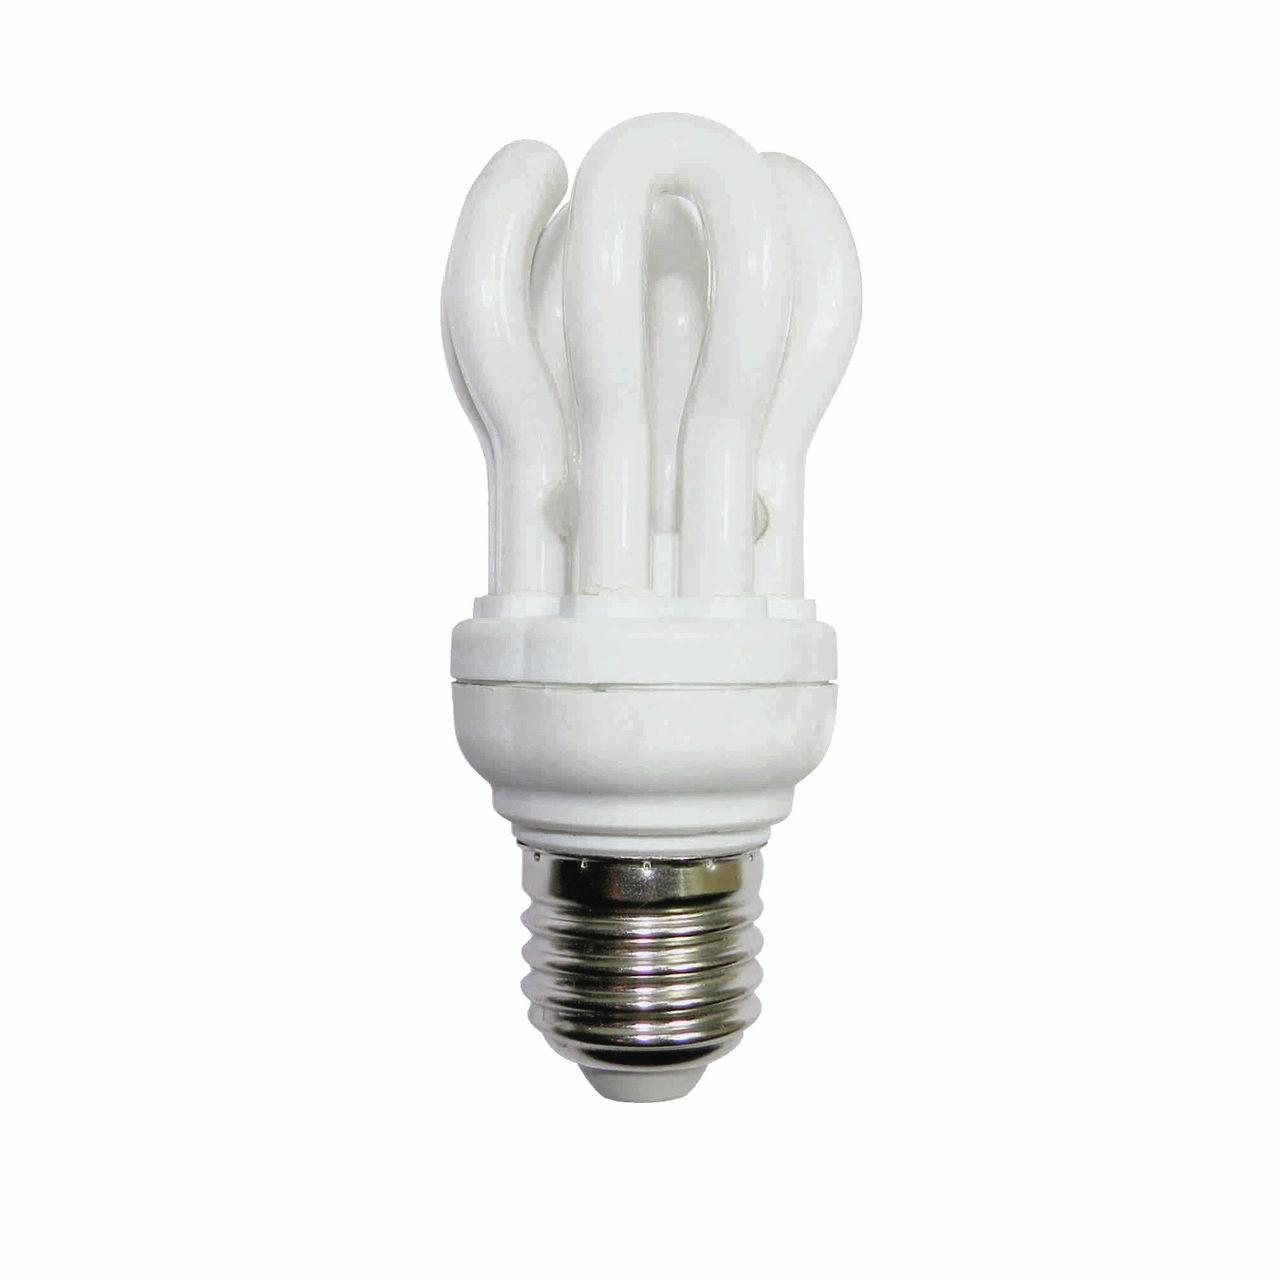 لامپ کم مصرف 11 وات اتحاد پارس نوین مدل P-C-13 پایه E27